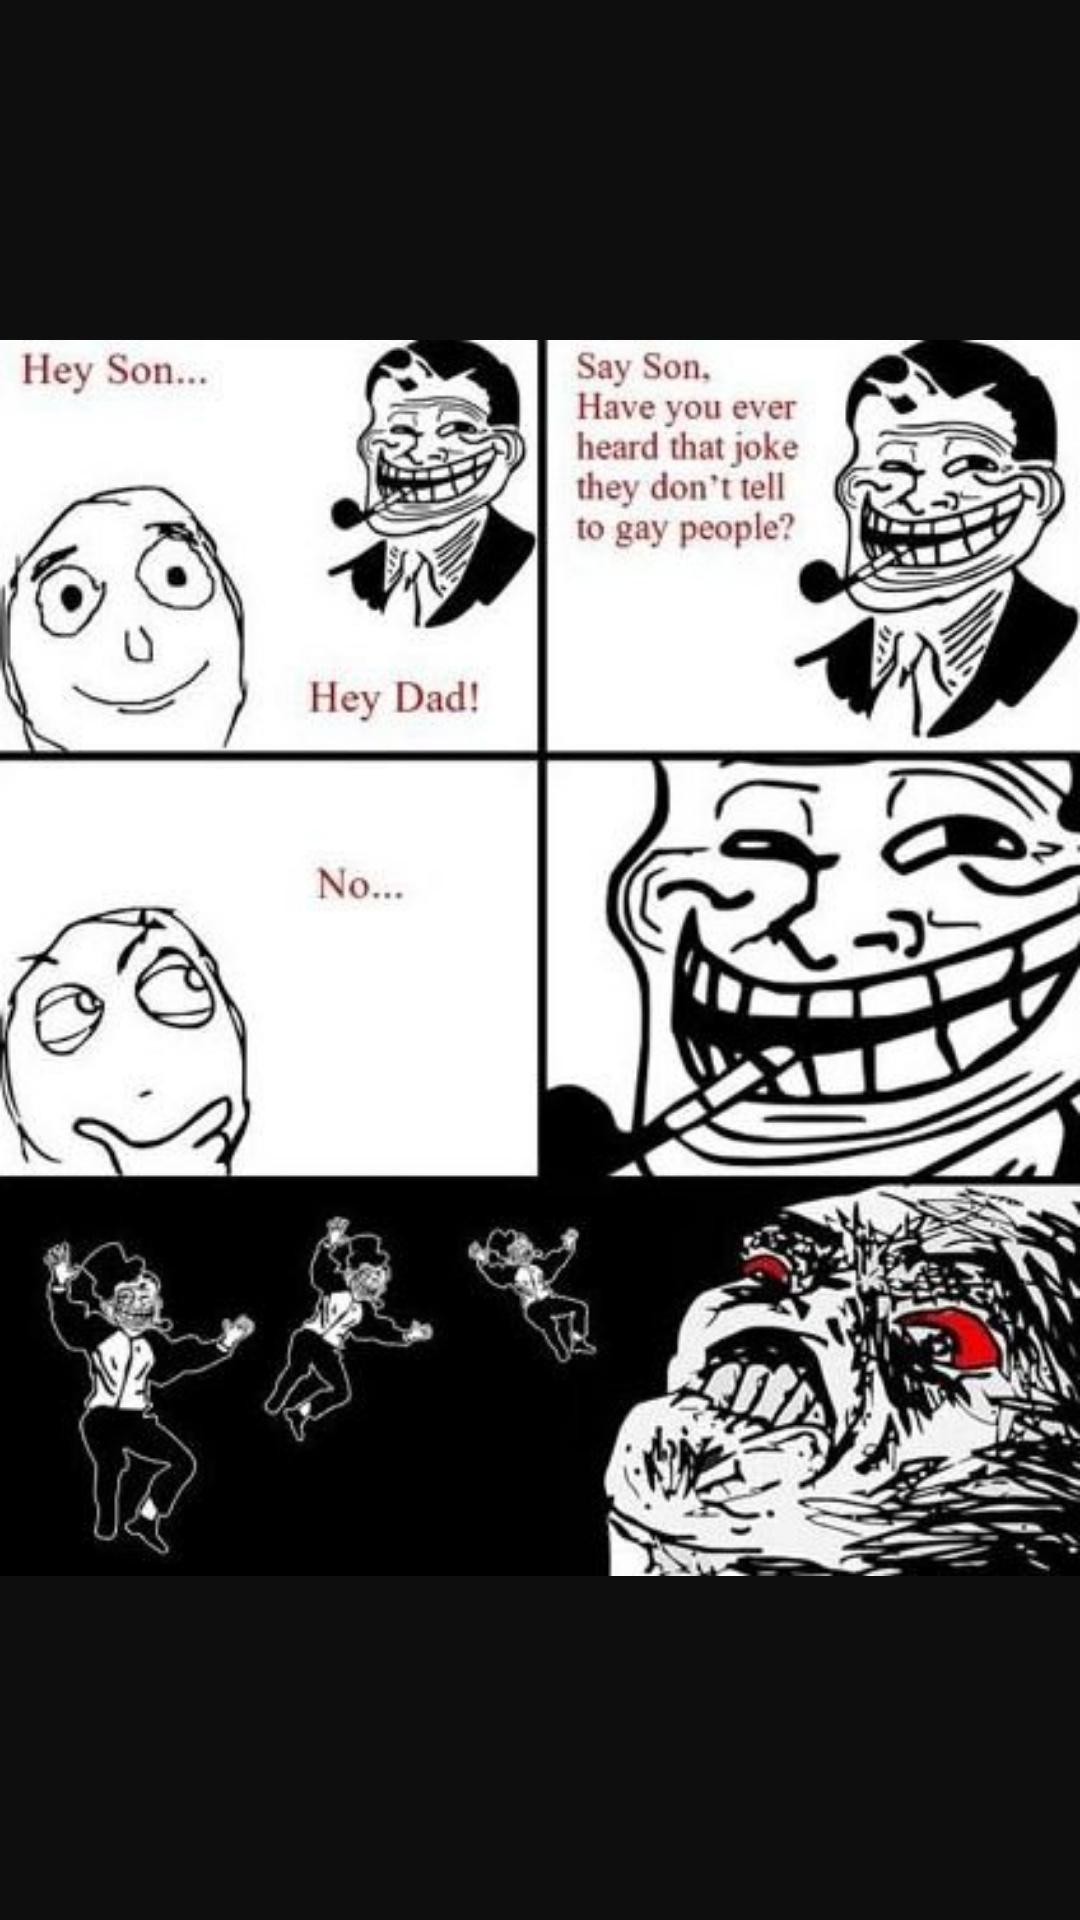 Troll Dad, y u do dis *sniff sniff* - meme